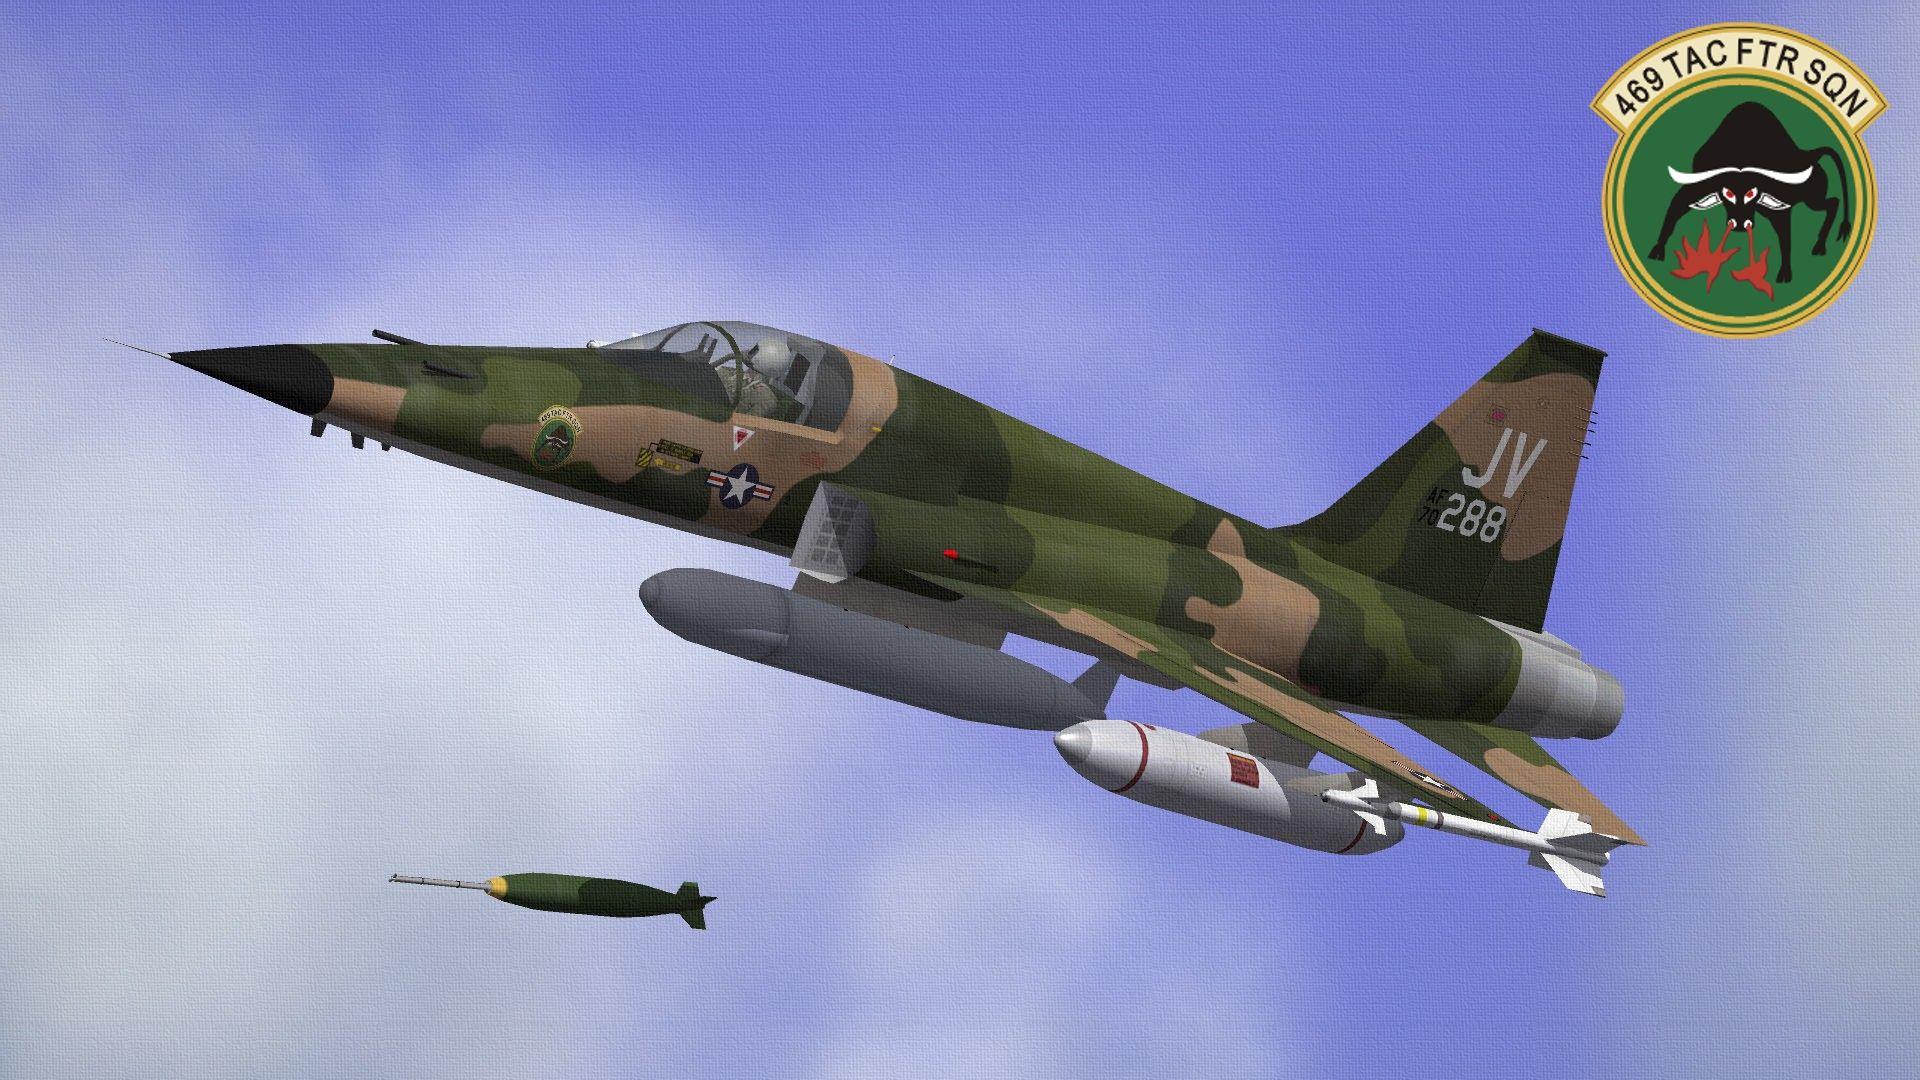 USAFF-5ESKOSHITIGER04_zps16f5f2a7.jpg